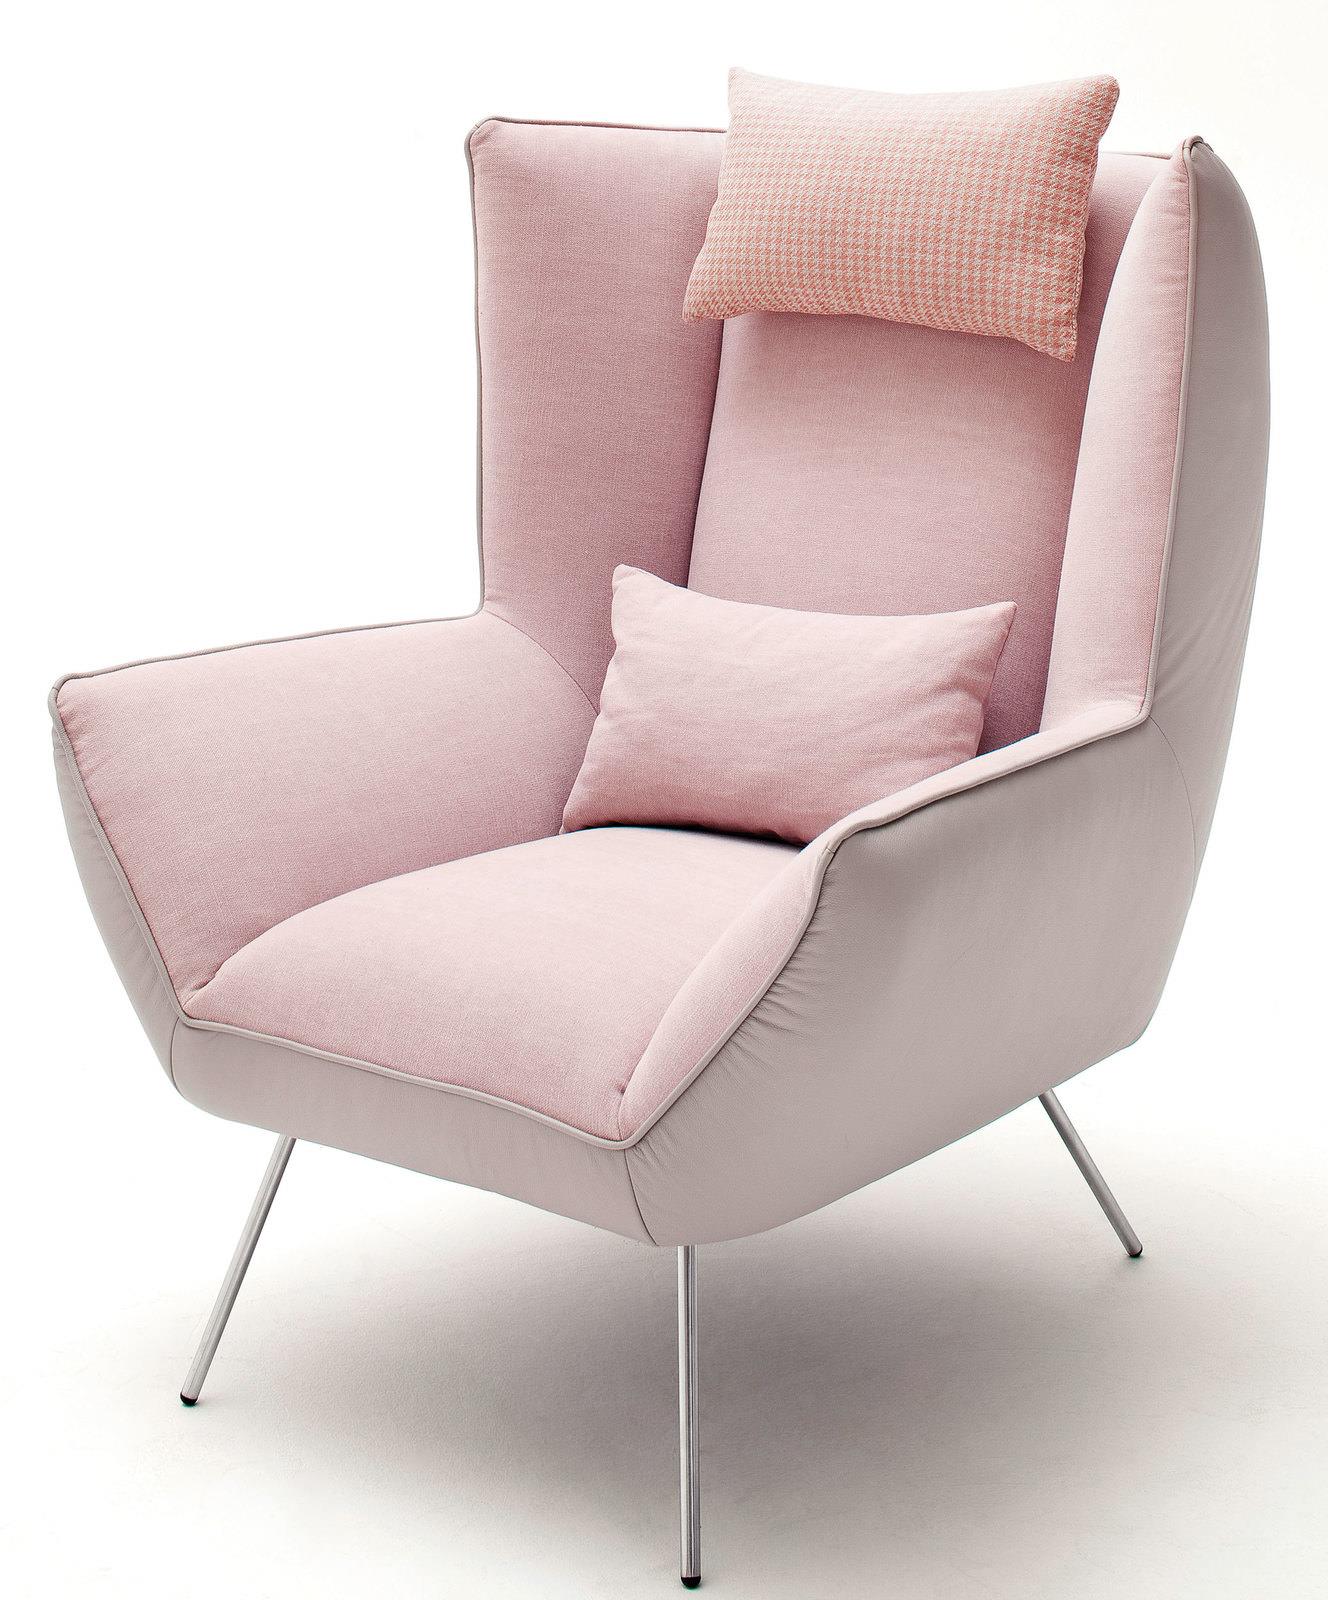 MONDO Sessel online entdecken | Schaffrath - Ihr Möbelhaus